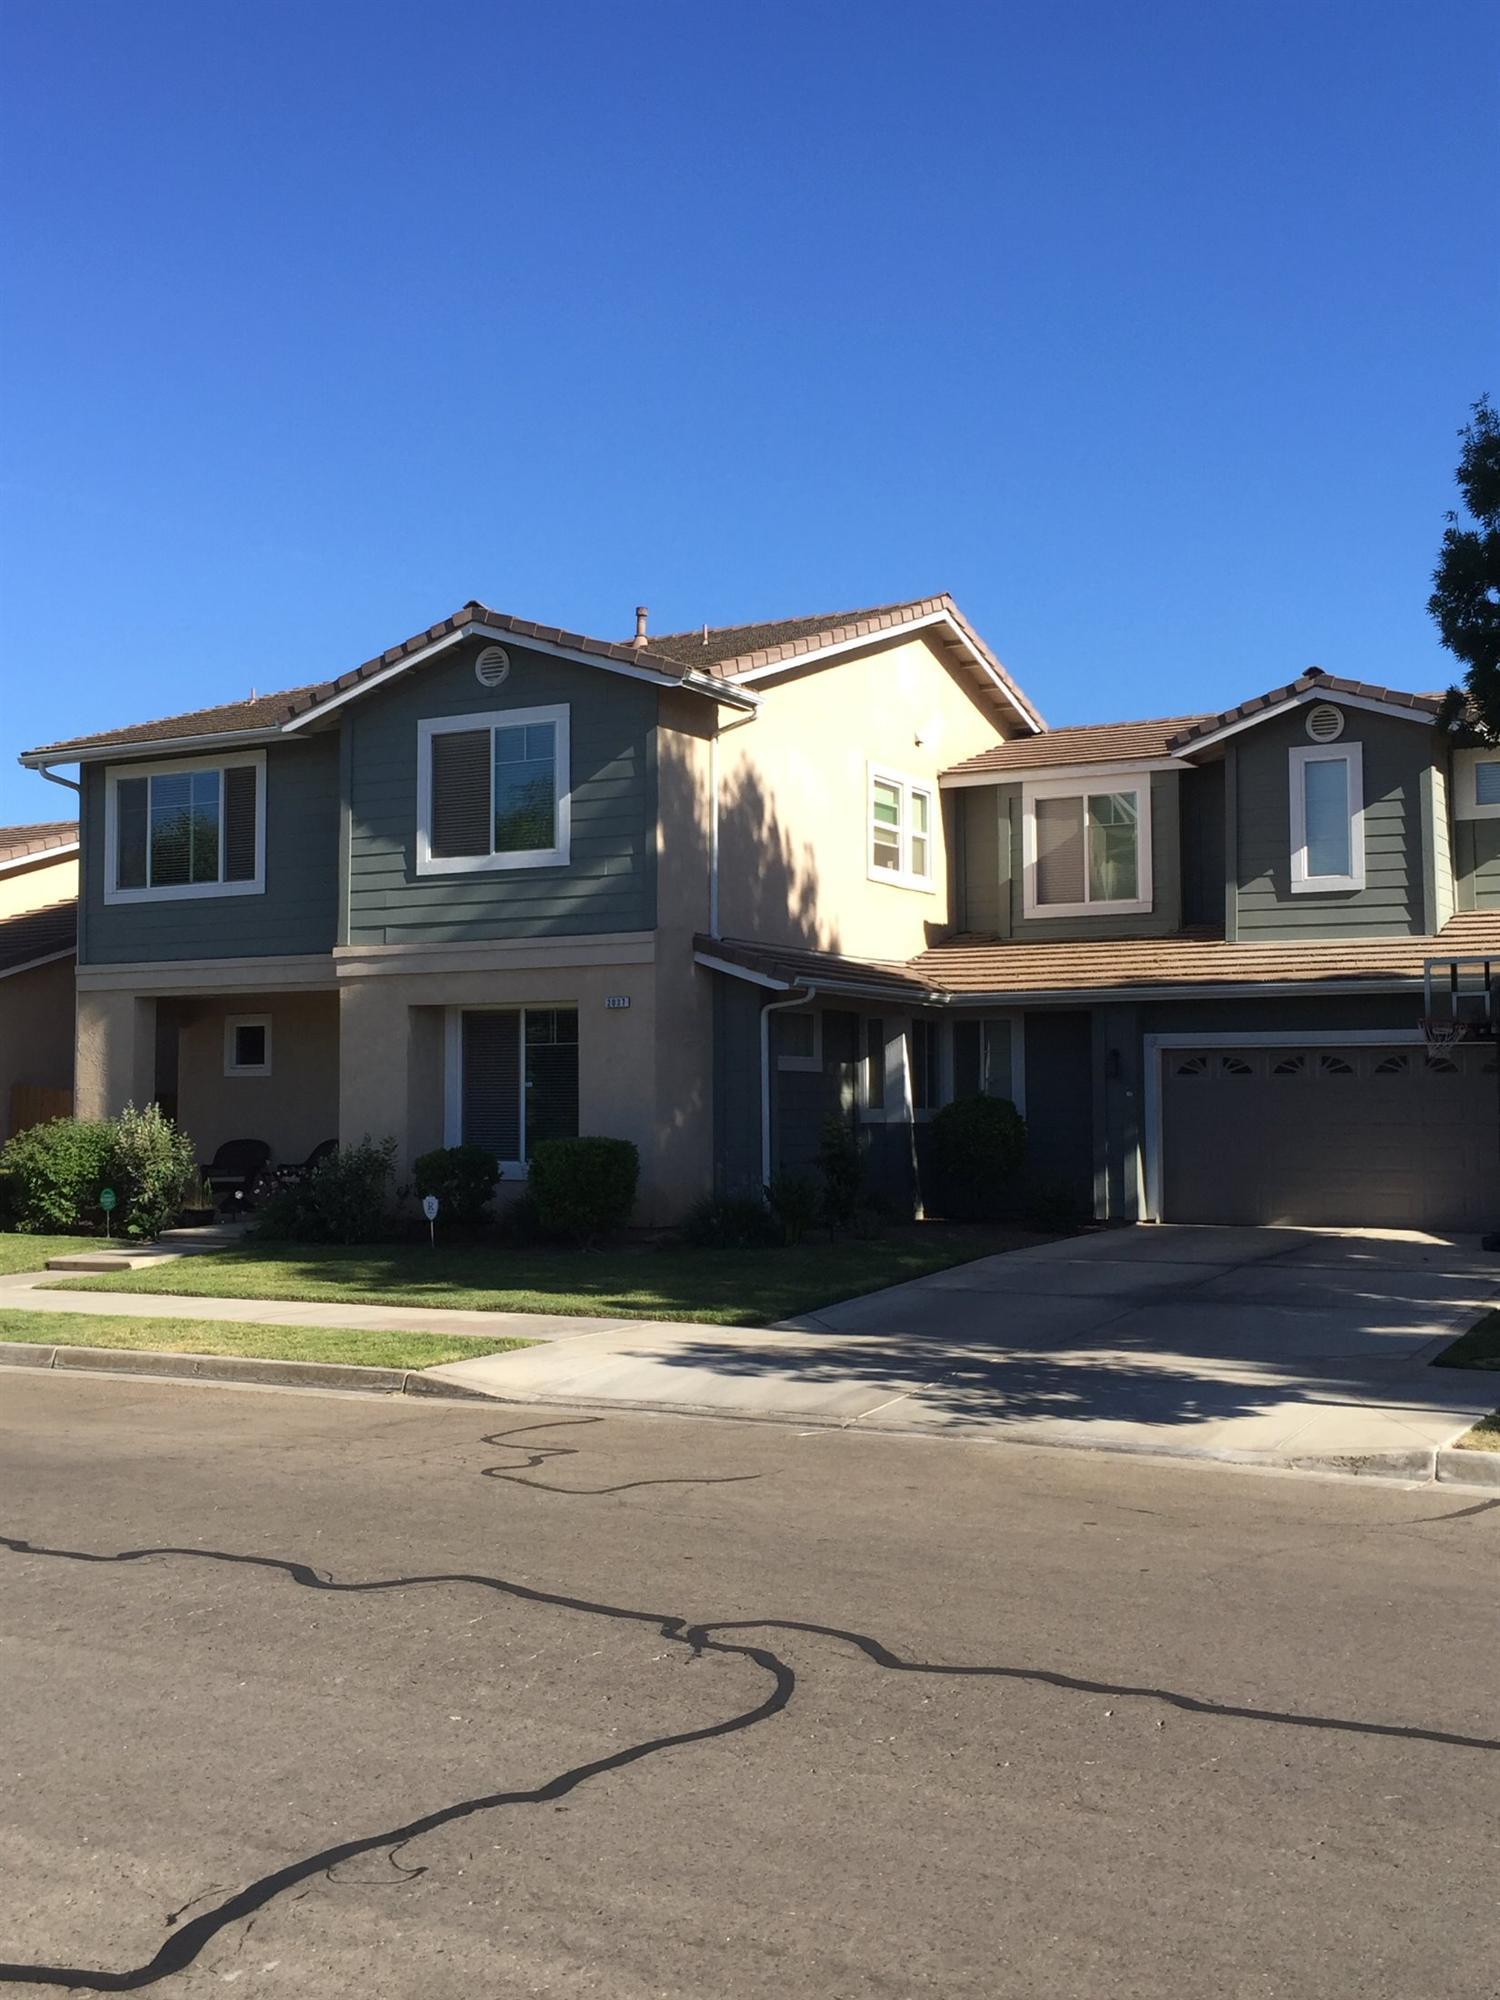 2037 E Washington Ave, Reedley, CA 93654